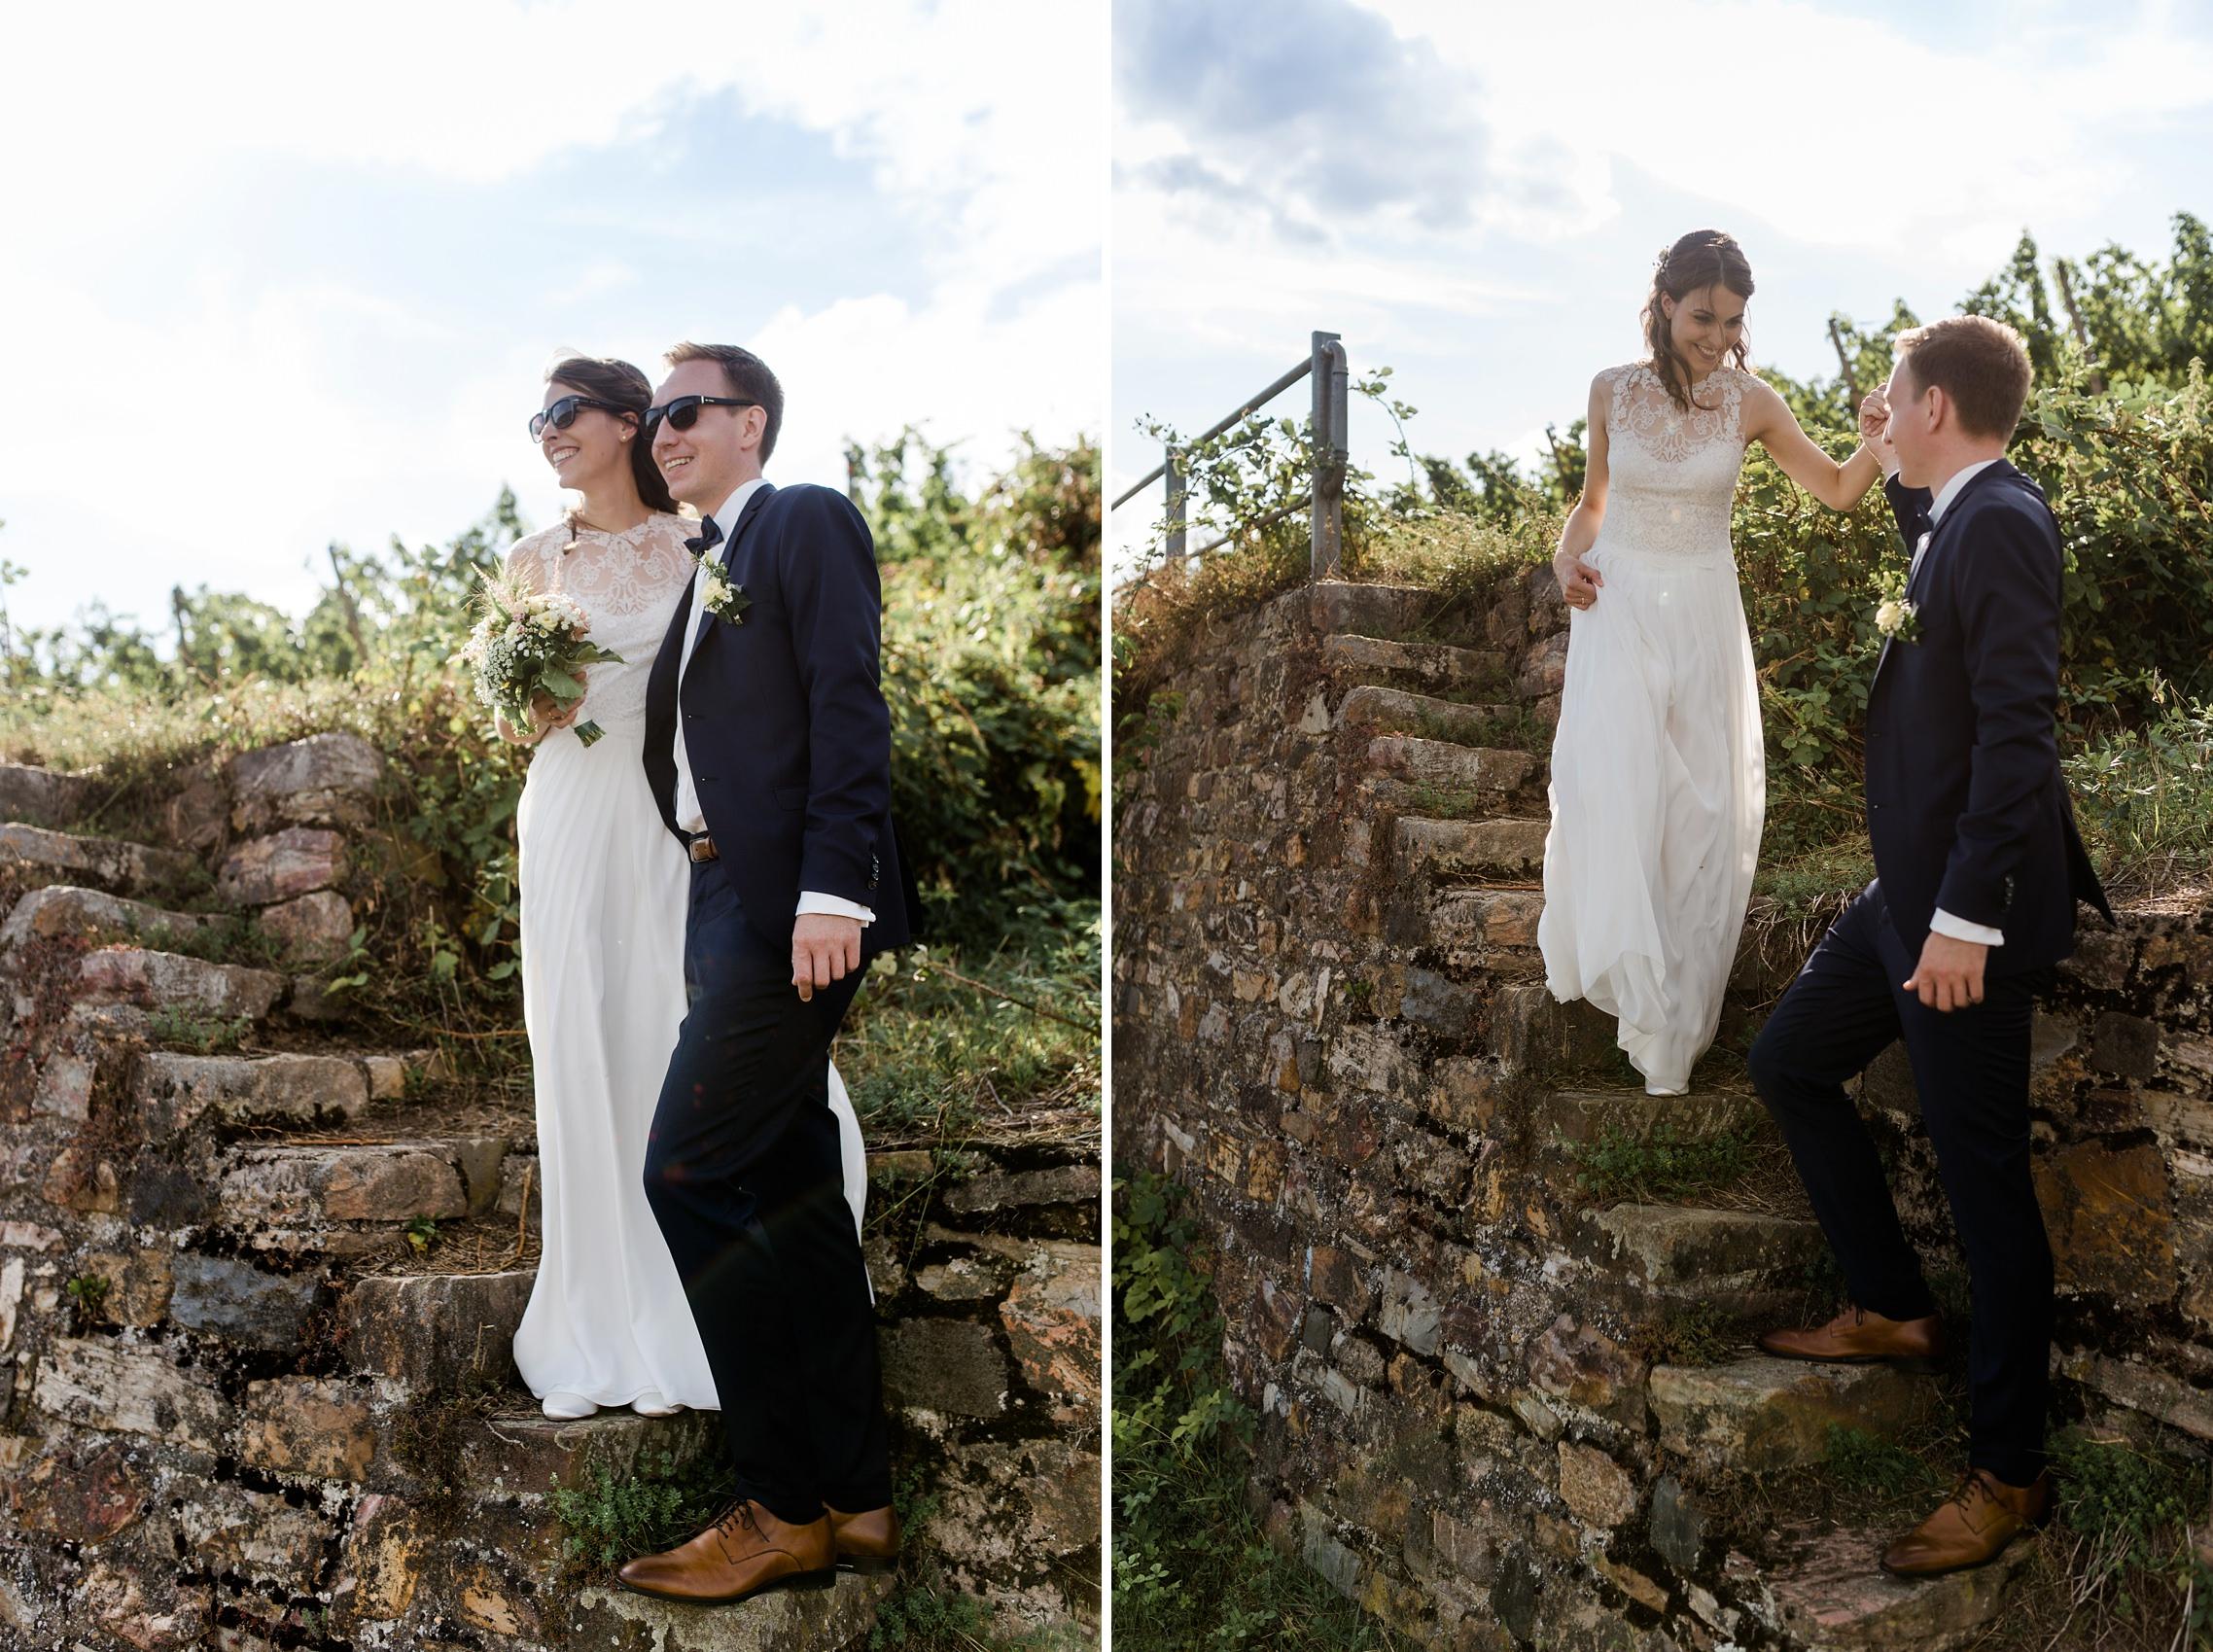 Der Bräutigam hilft seiner Braut in den Weinbergen von Rüdesheim eine Steintreppe herunter.